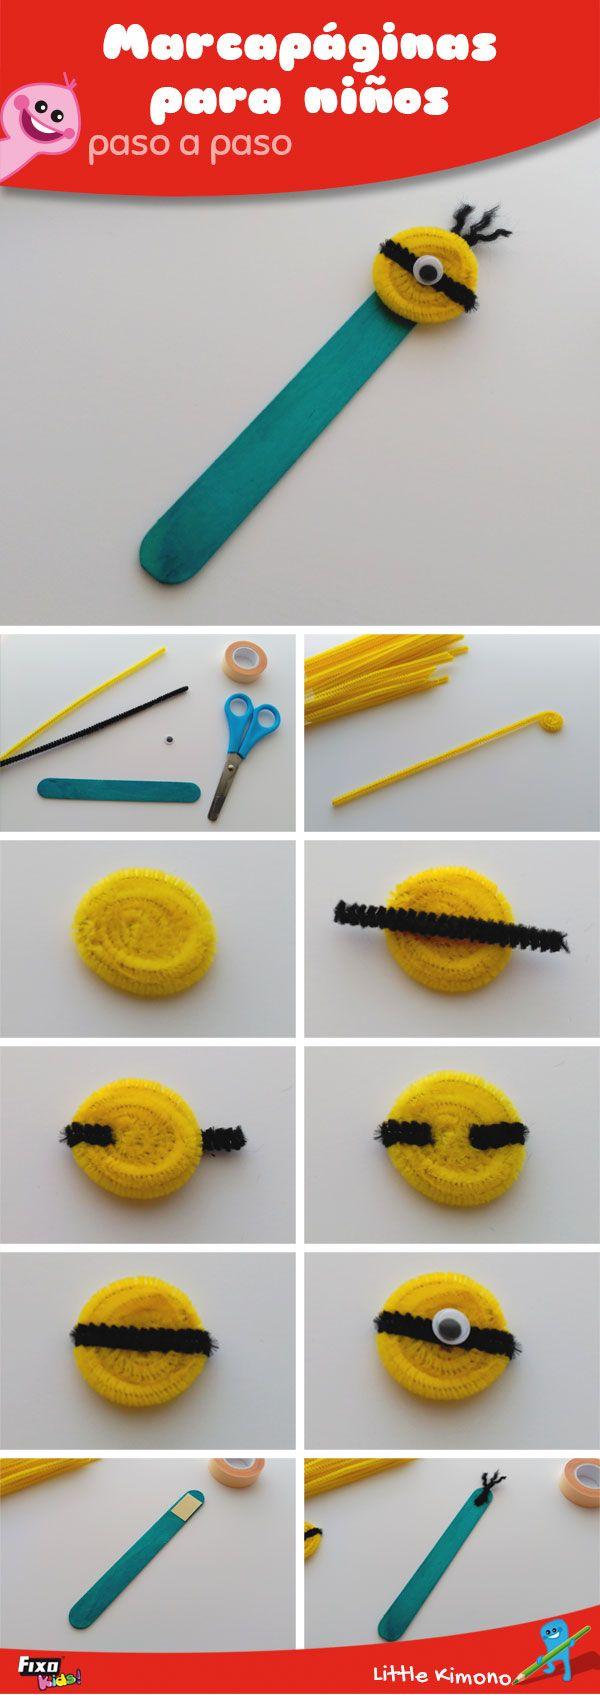 Tutorial Para Hacer Un Marcapaginas En Forma De Minion Con Limpiapipas Fixo Kids Minio Como Hacer Marcapaginas Manualidades Sencillas Para Ninos Manualidades